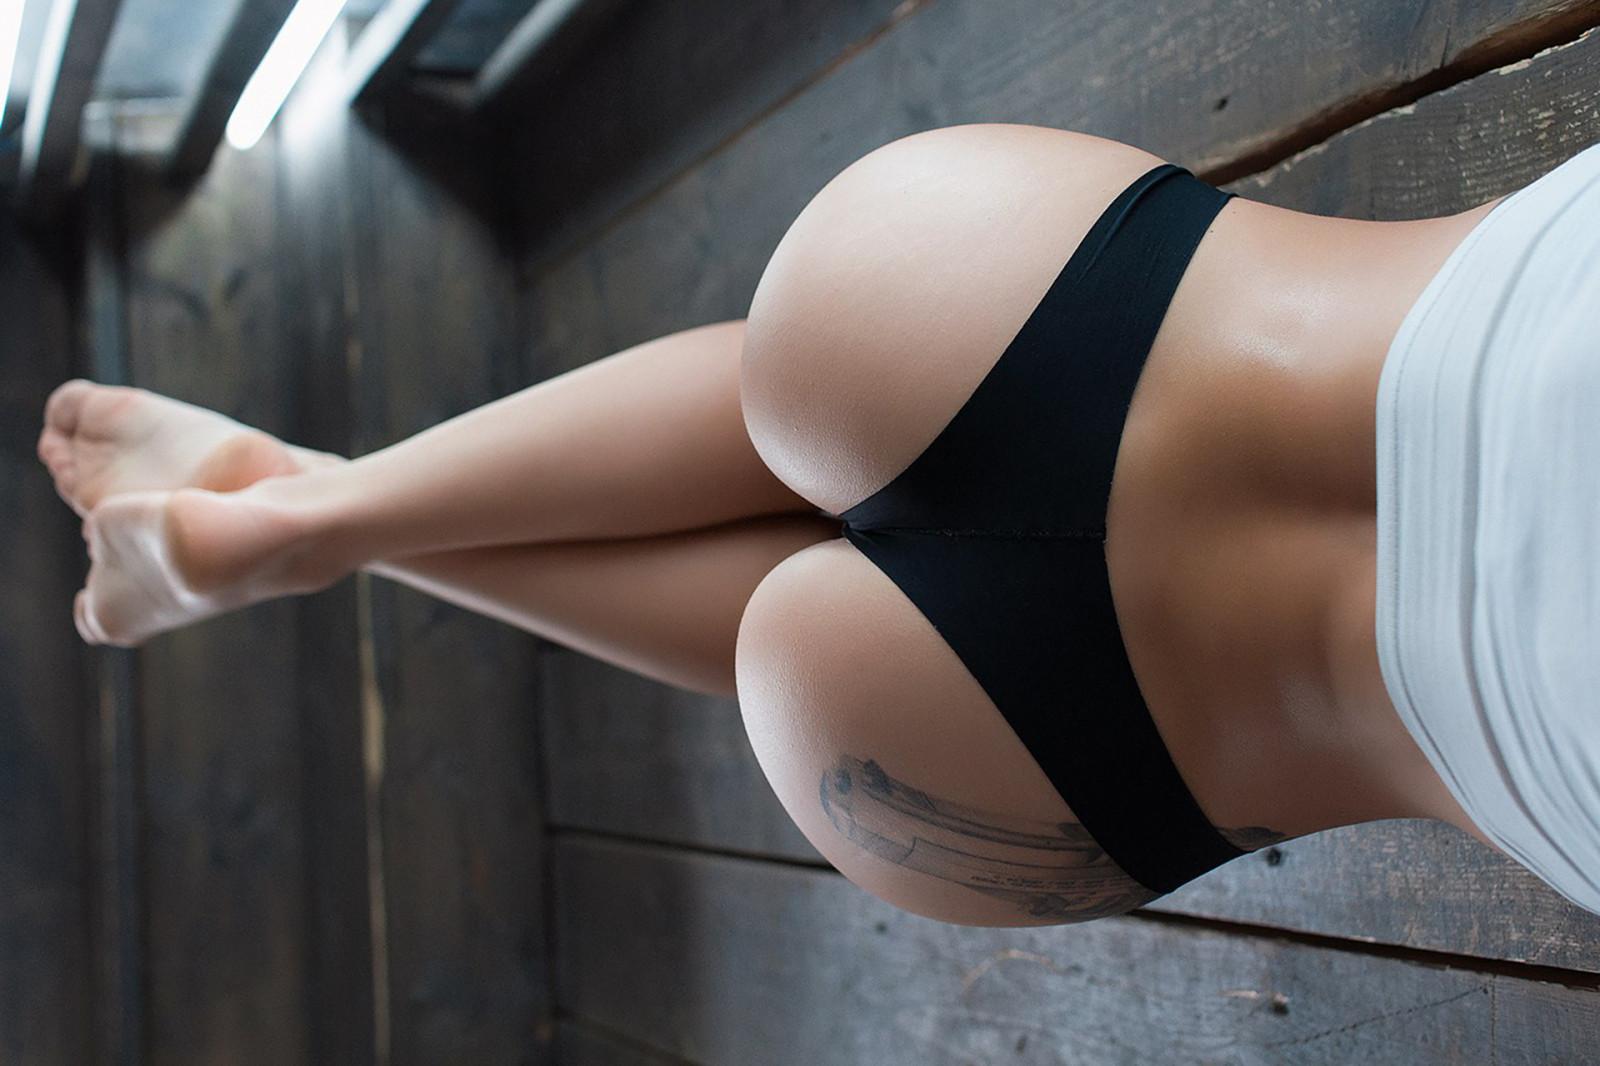 Black girl in panties